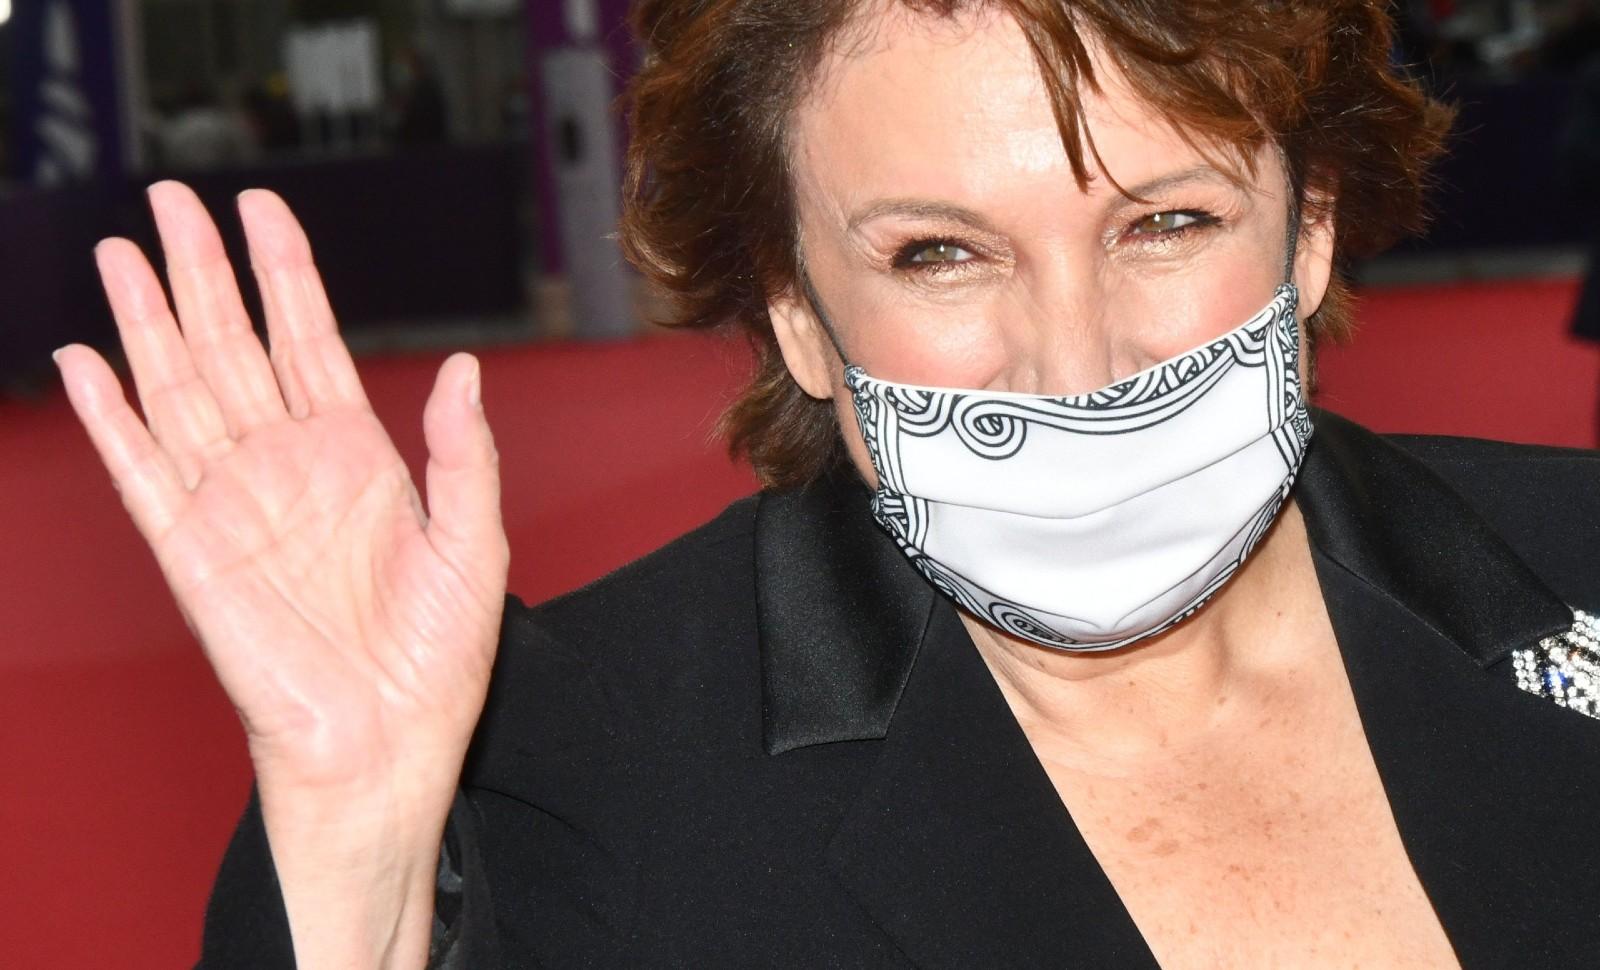 Roselyne Bachelot à Deauville le 4 septembre 2020 © Jacques BENAROCH/SIPA Numéro de reportage: 00979862_000173.